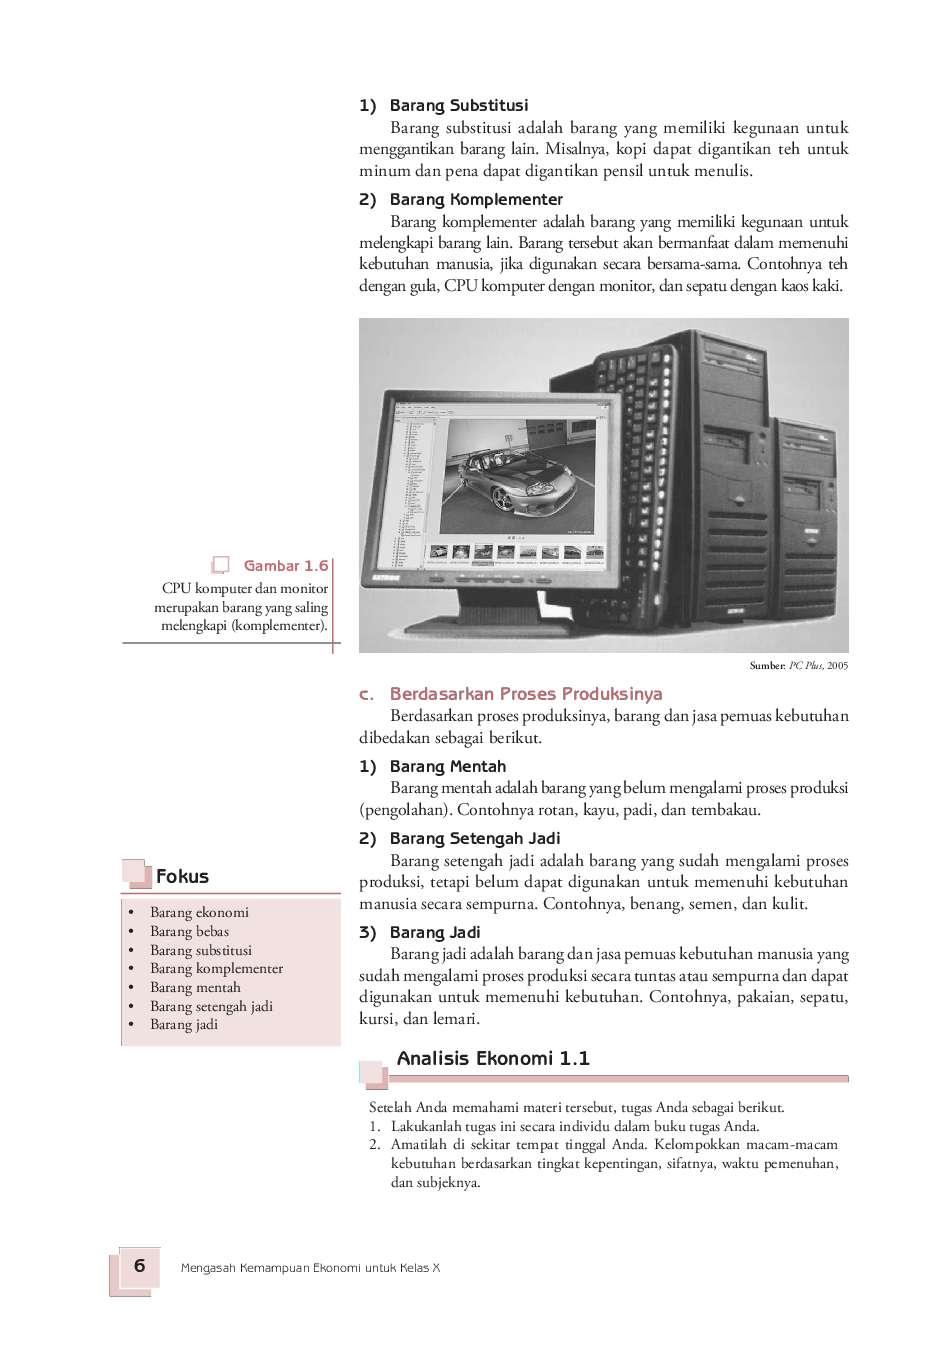 Jual Buku Sma Kelas 10 Ekonomi Mengasah Kemampuan Ekonomi Oleh Aristanti Widyaningsih